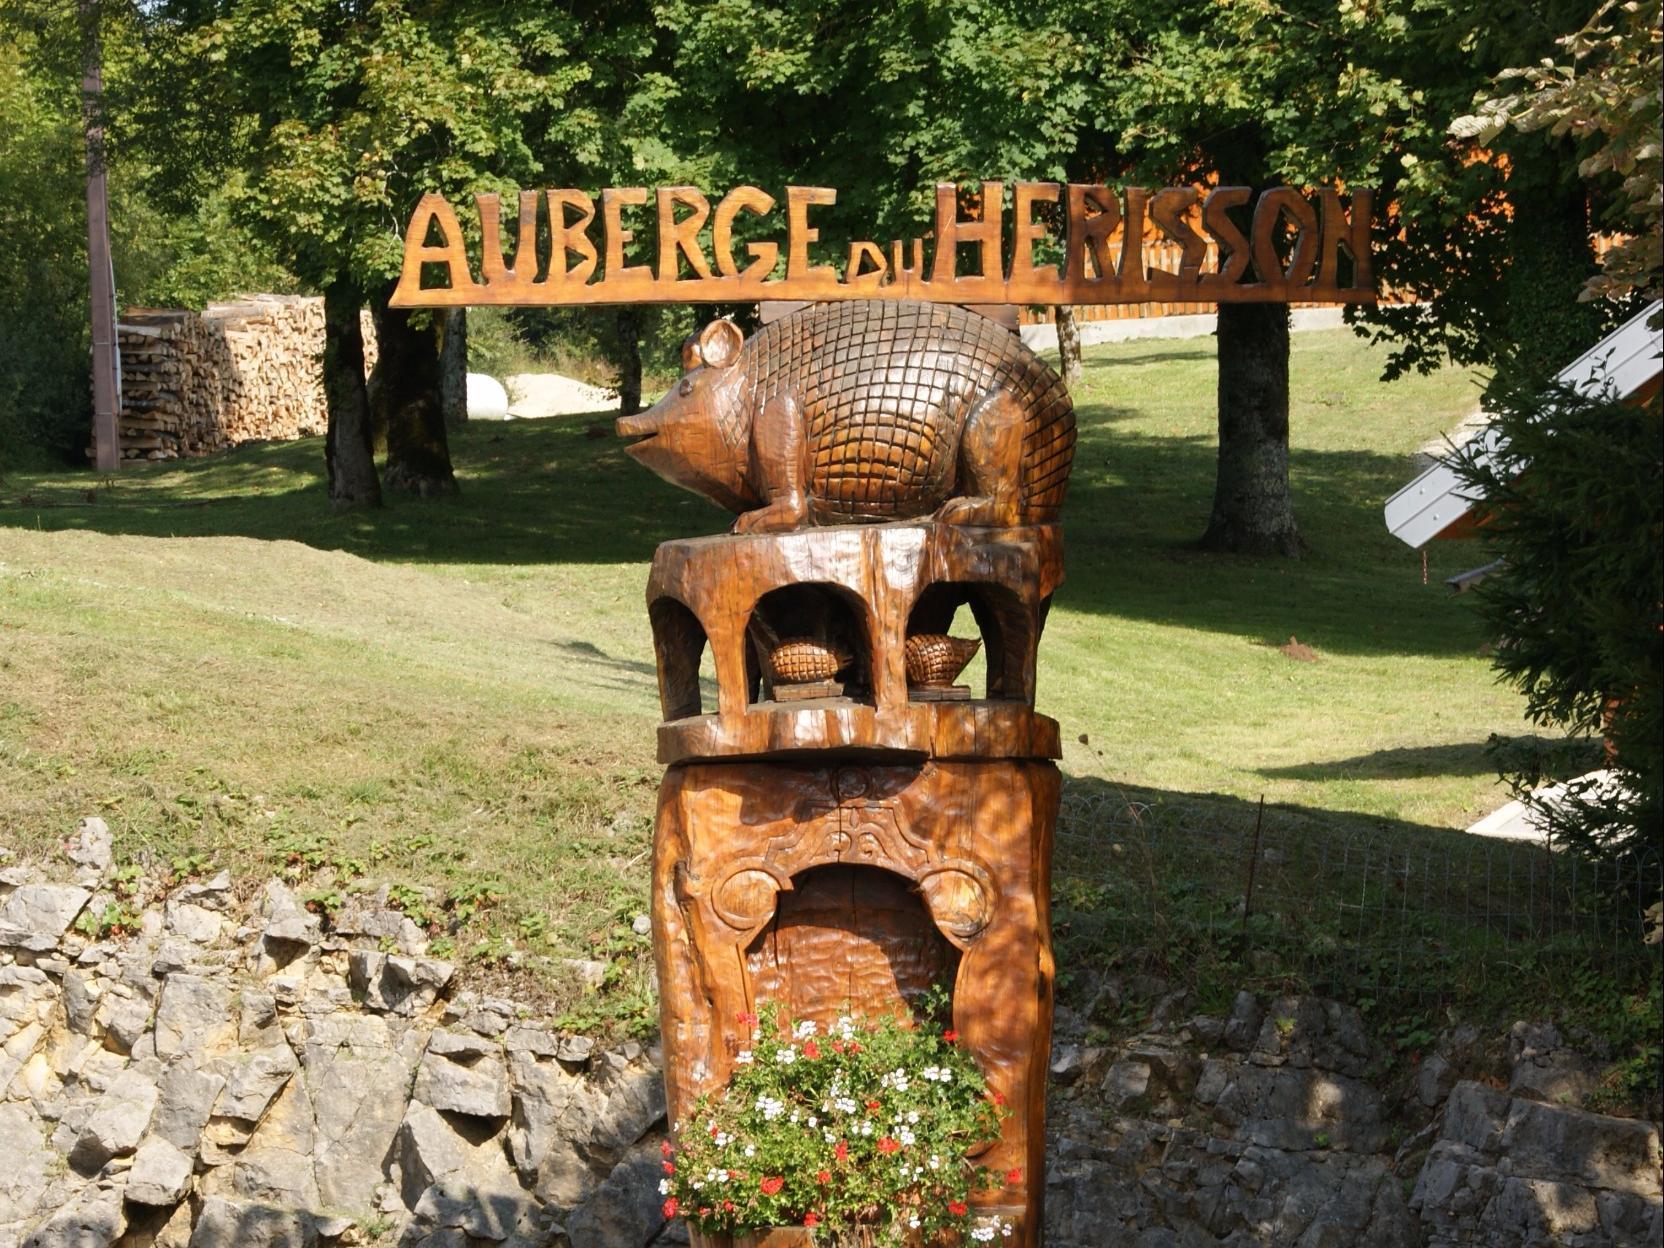 Auberge du herisson chaux du dombief for Auberge du jardin